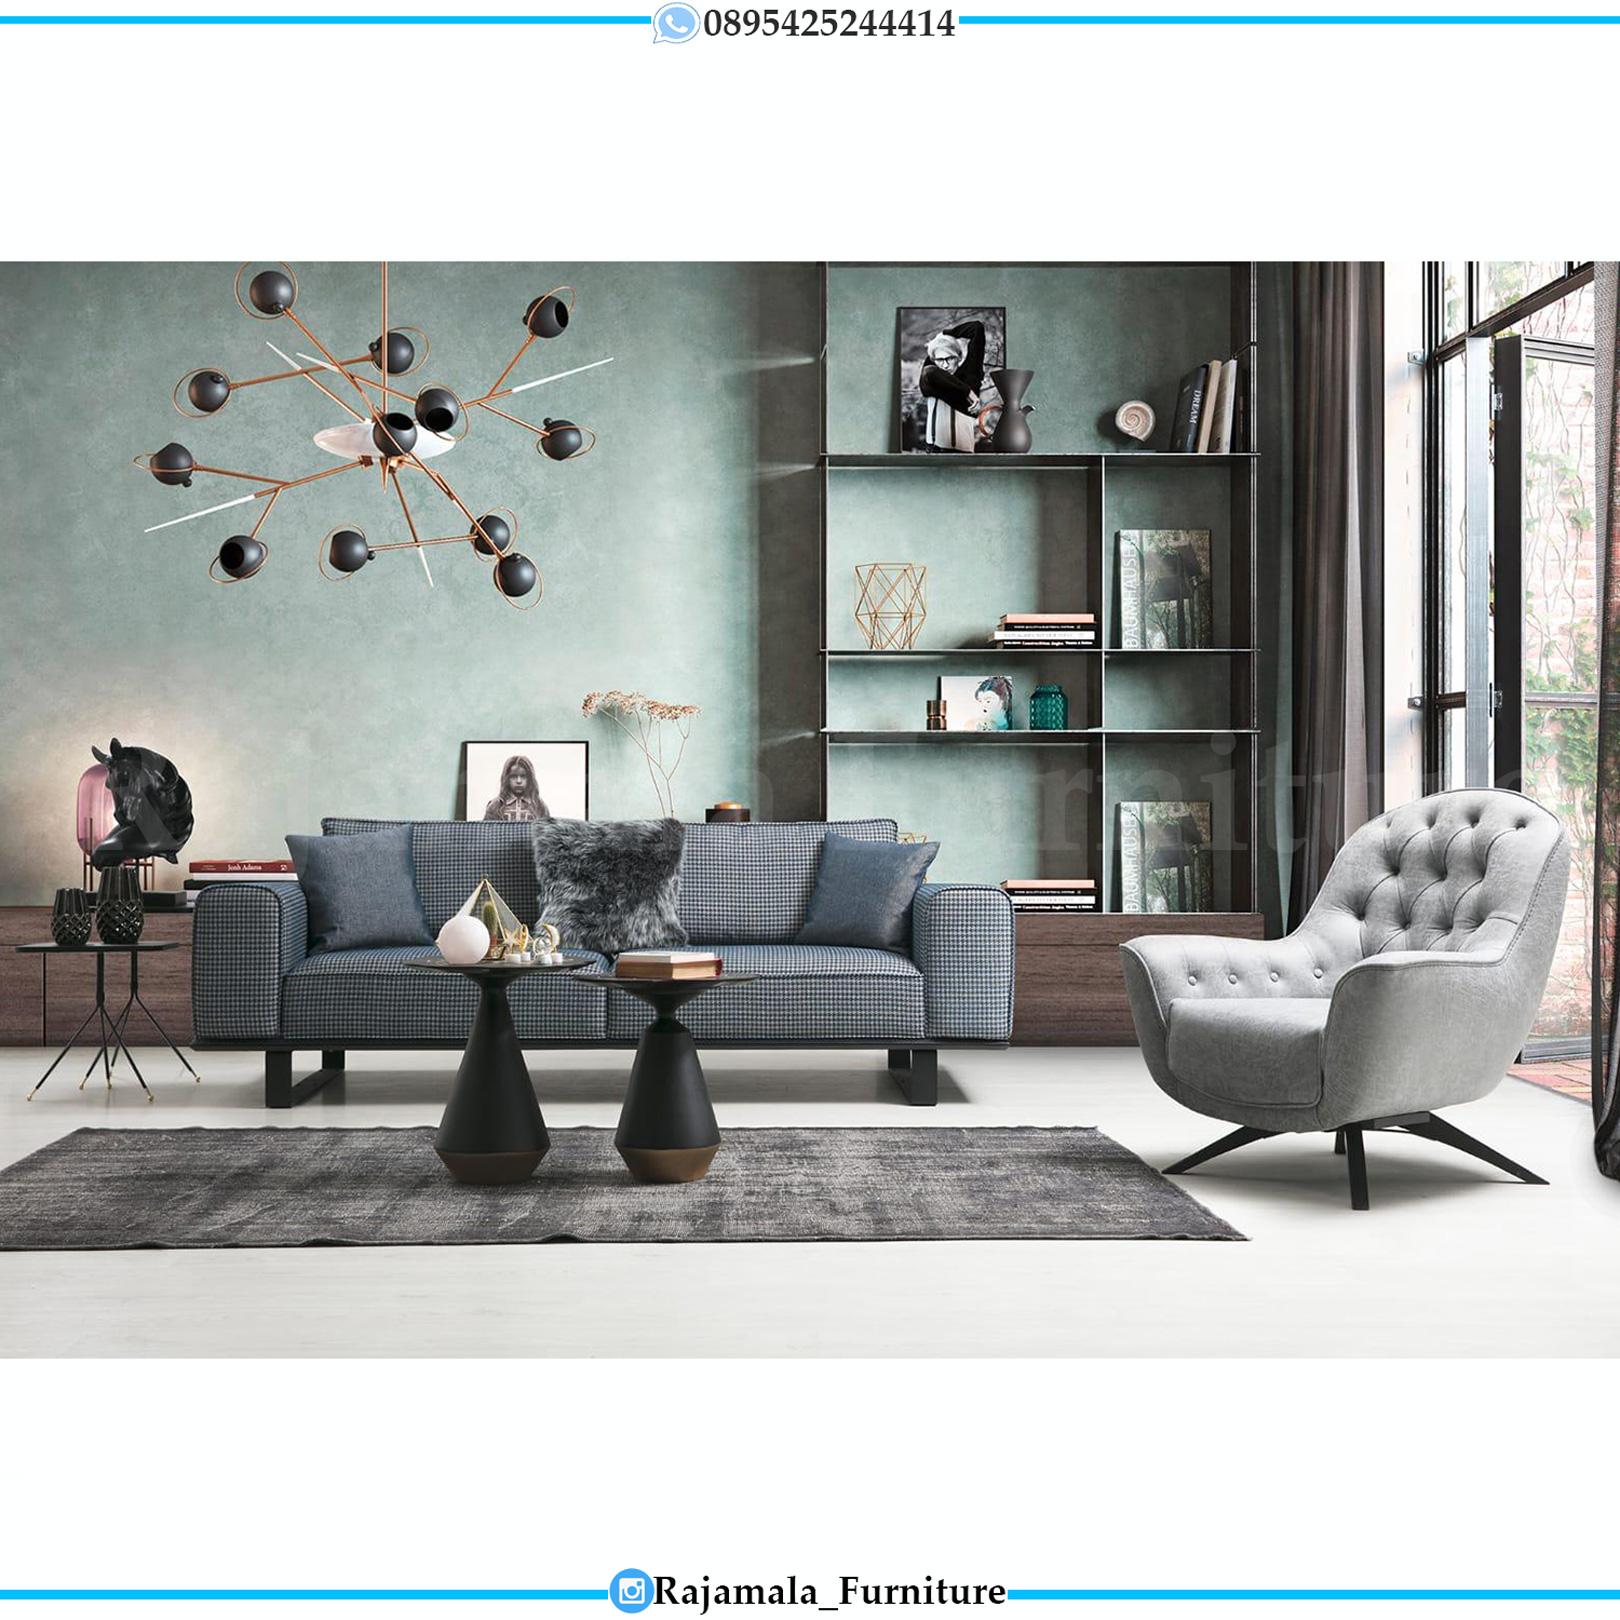 Sofa Ruang Tamu Modern Minimalis Design Elegant Simple Luxury RM-0151